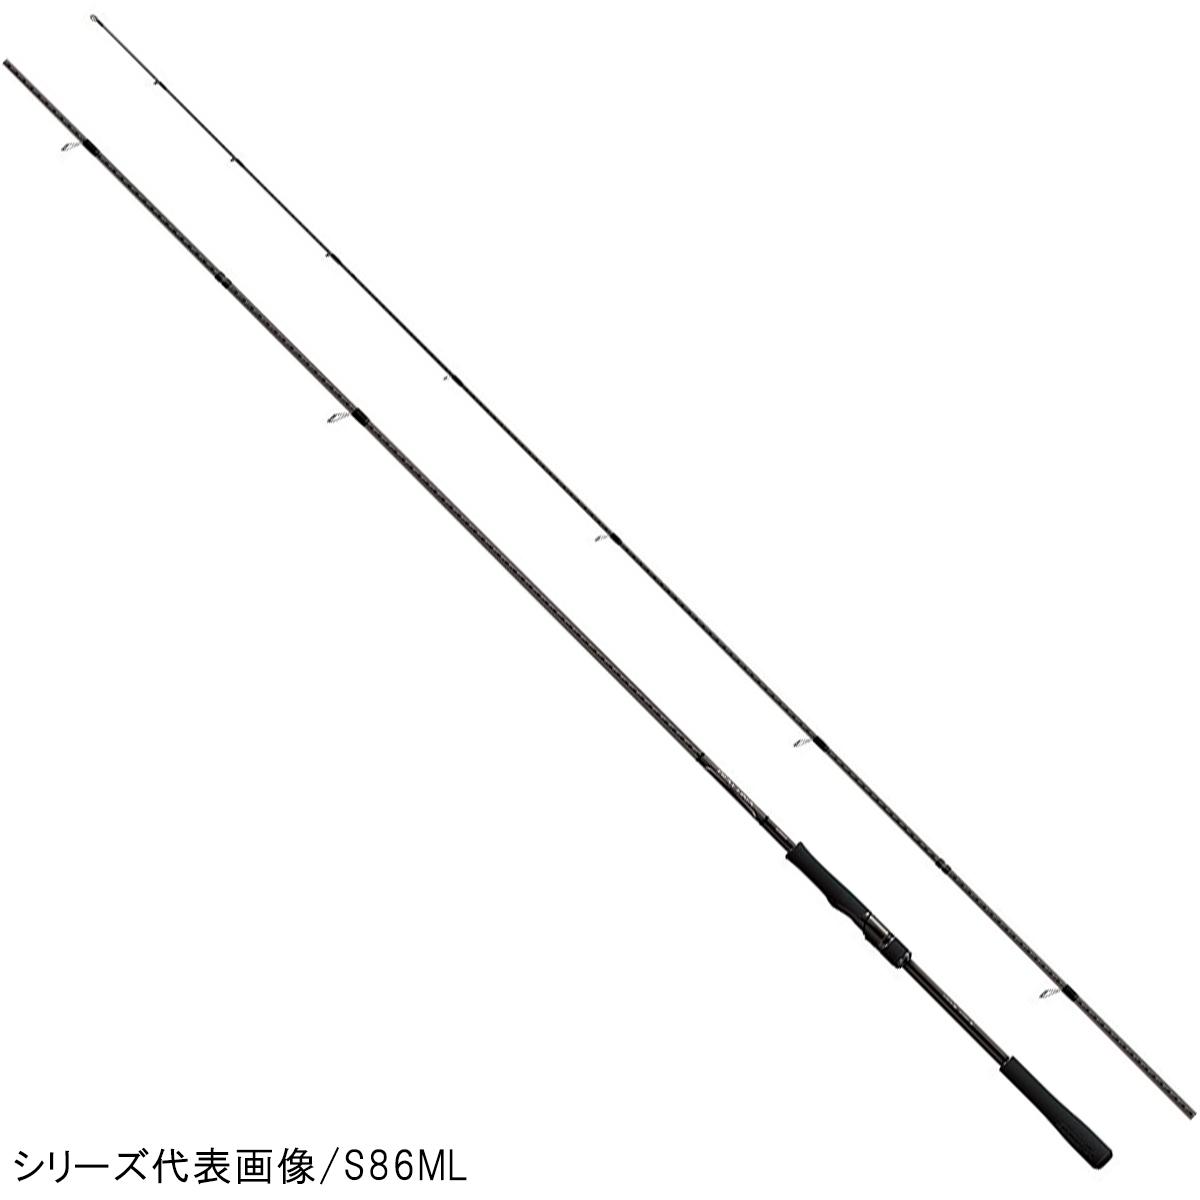 シマノ ディアルーナ (スピニング) S100ML【大型商品】